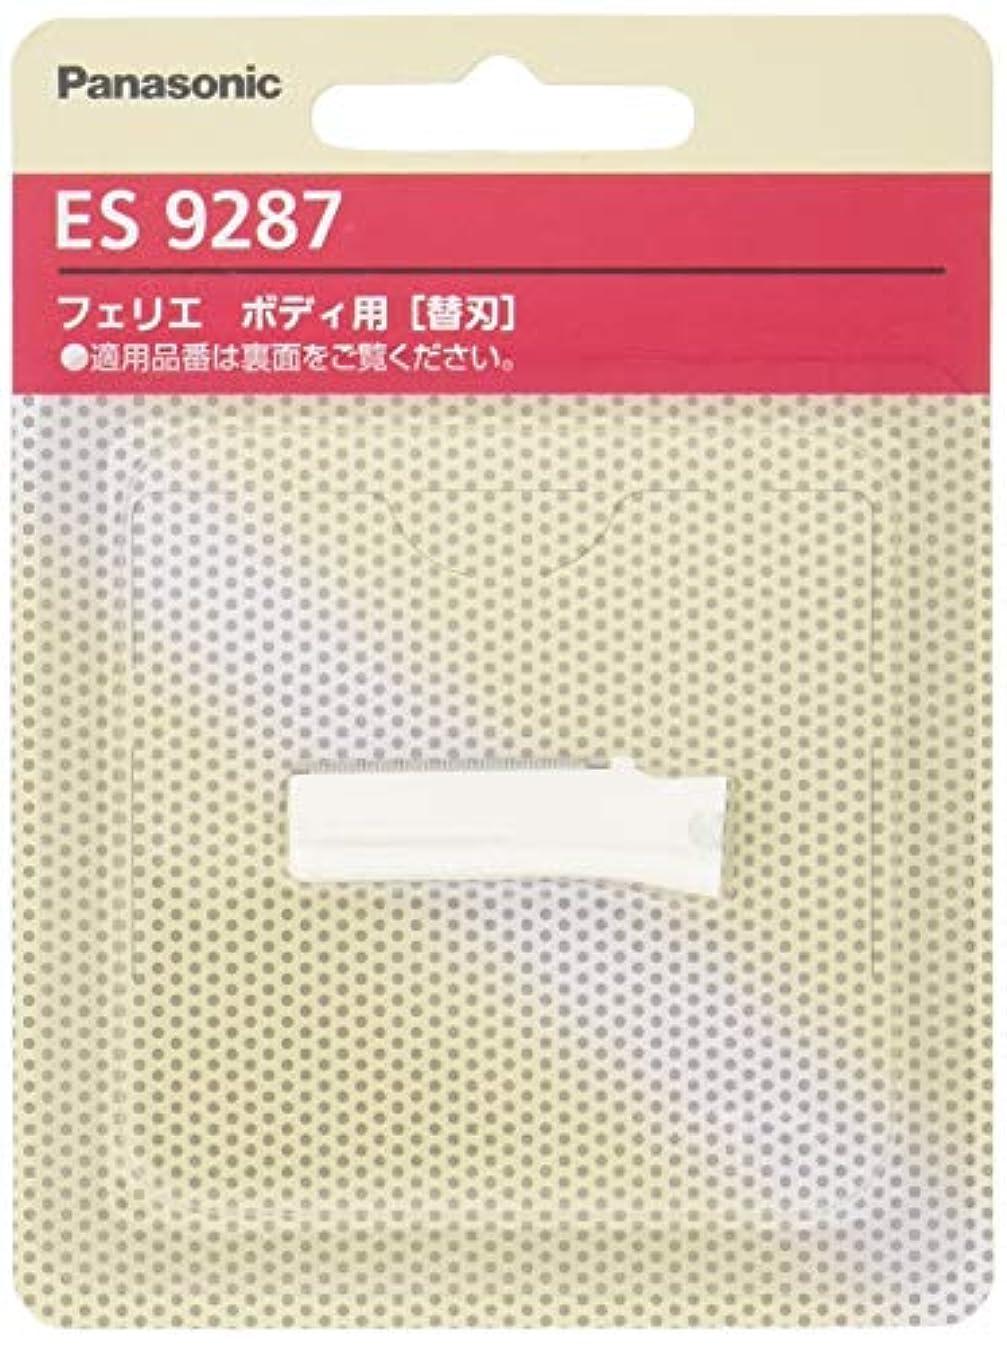 祈る正規化皮肉なパナソニック 替刃 フェリエ ボディ用 ES9287